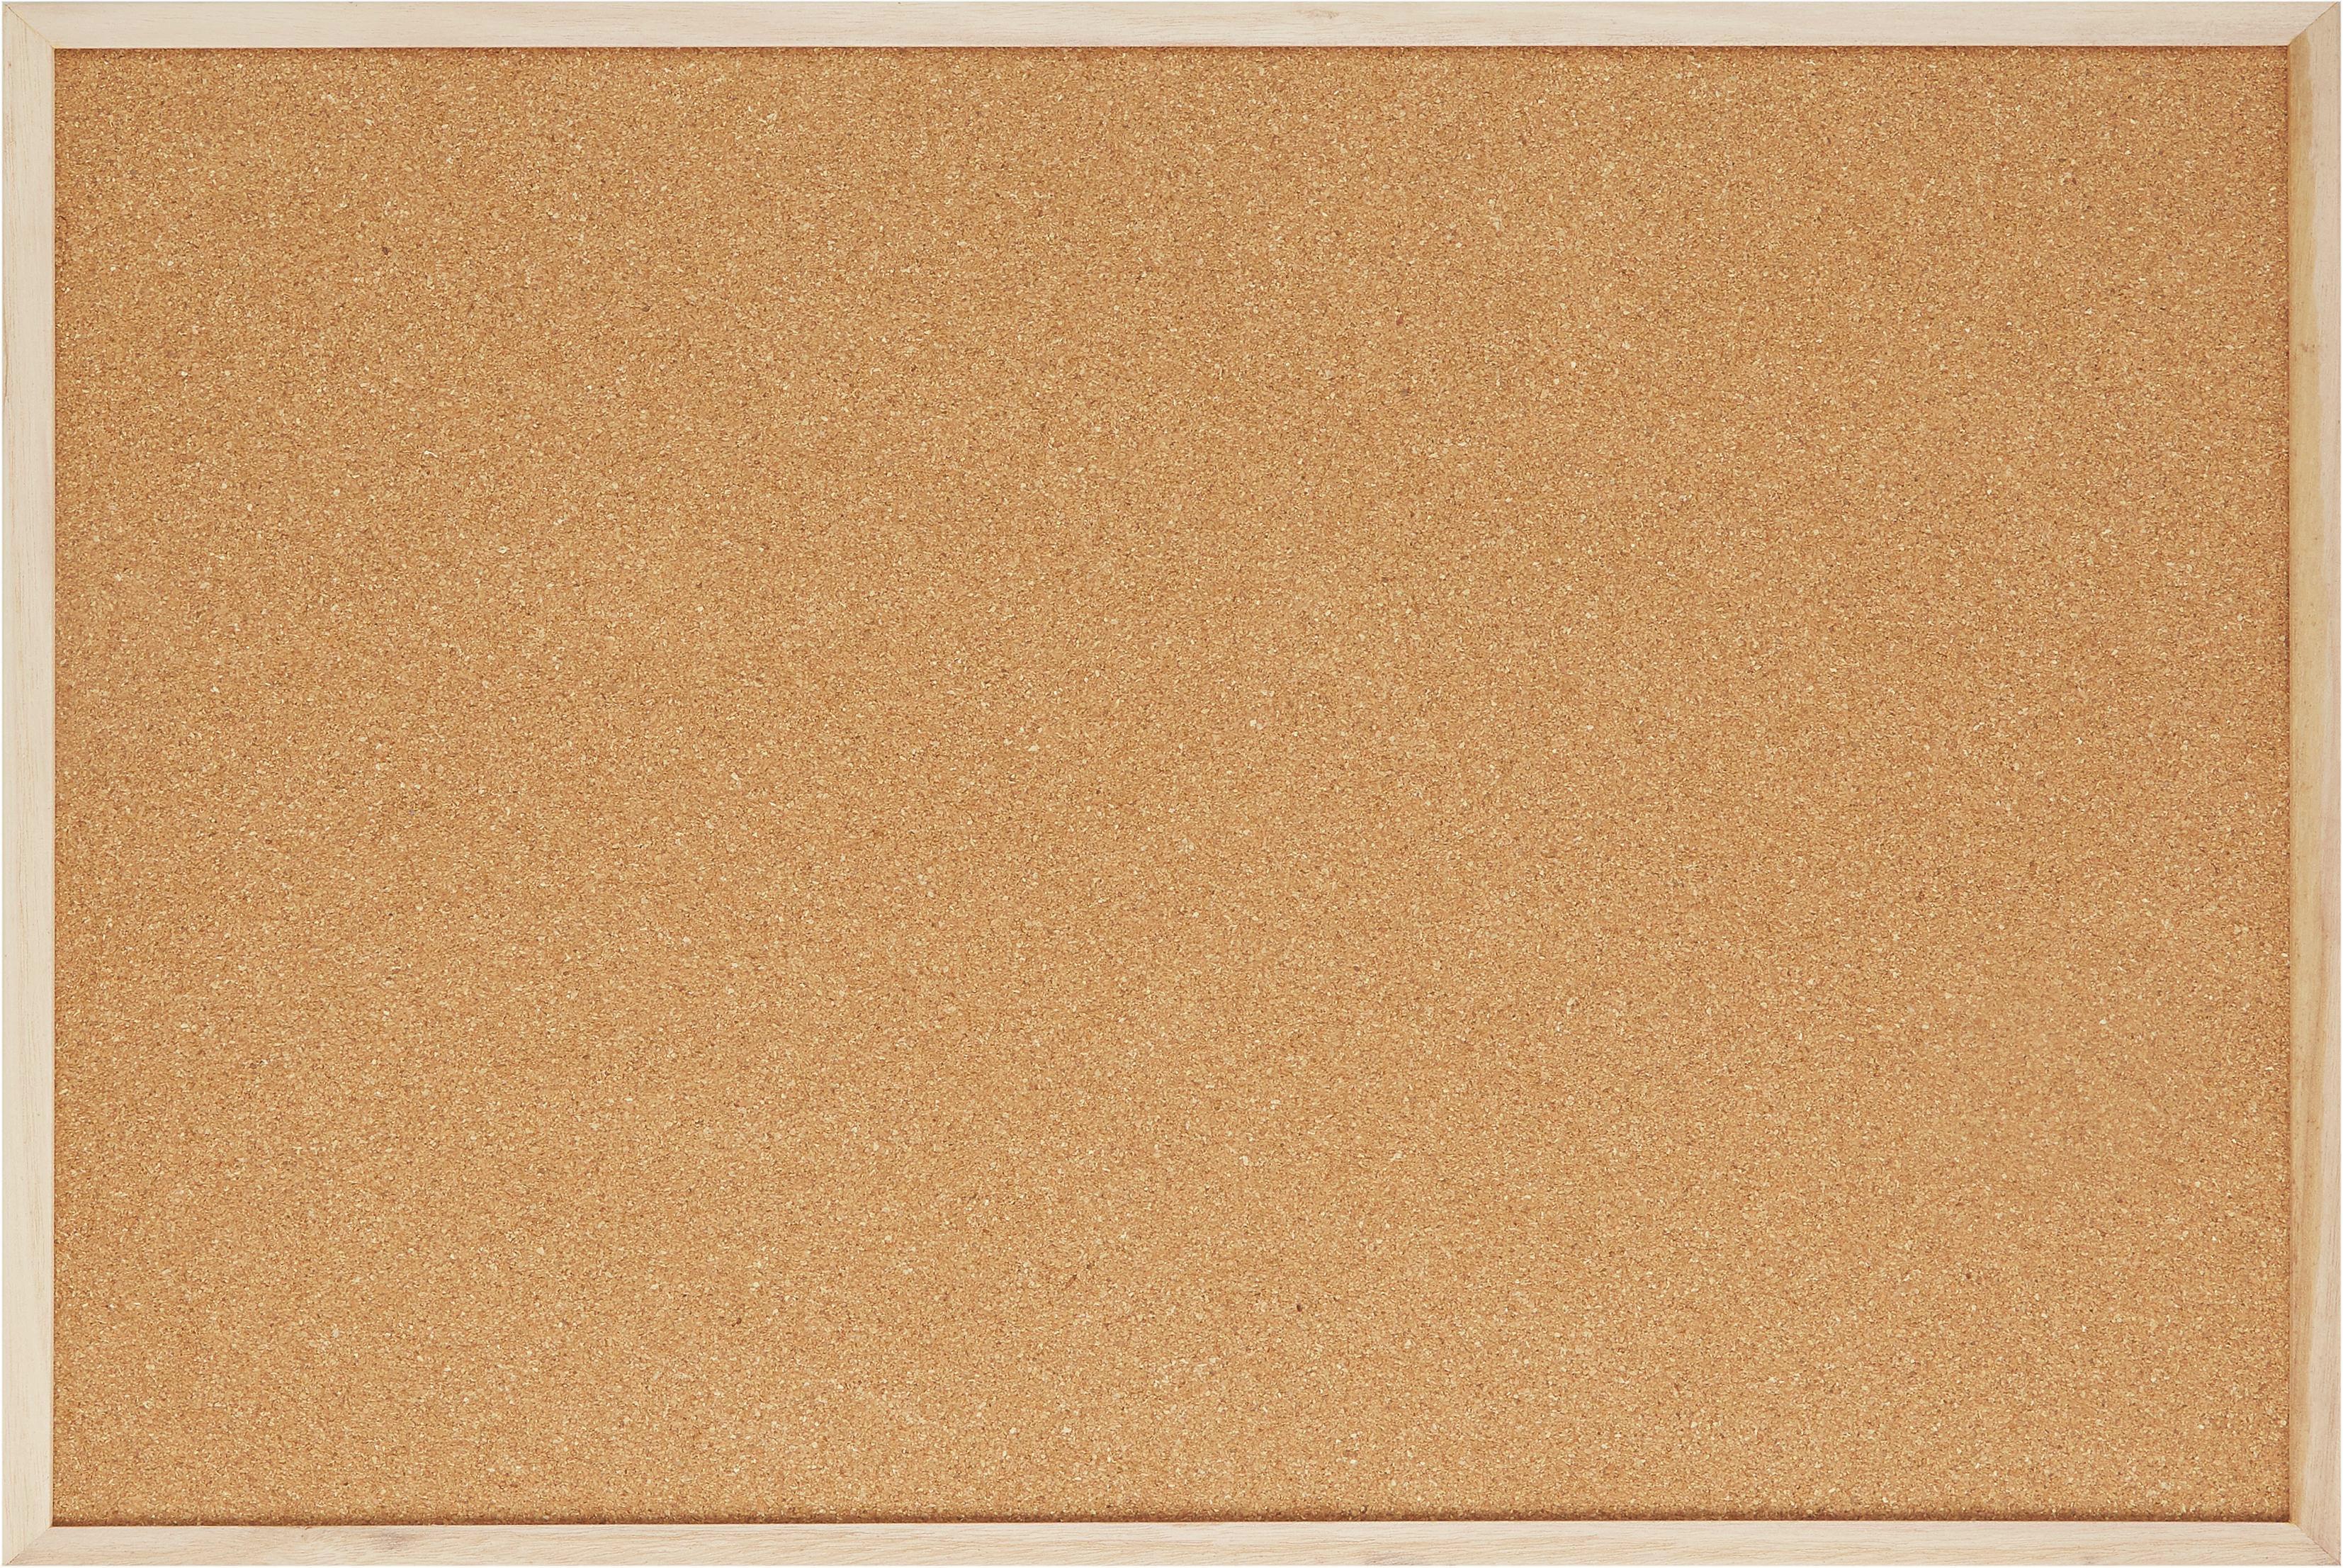 Üzenőtábla Cora - barna, fa (30/45/1cm) - MÖMAX modern living